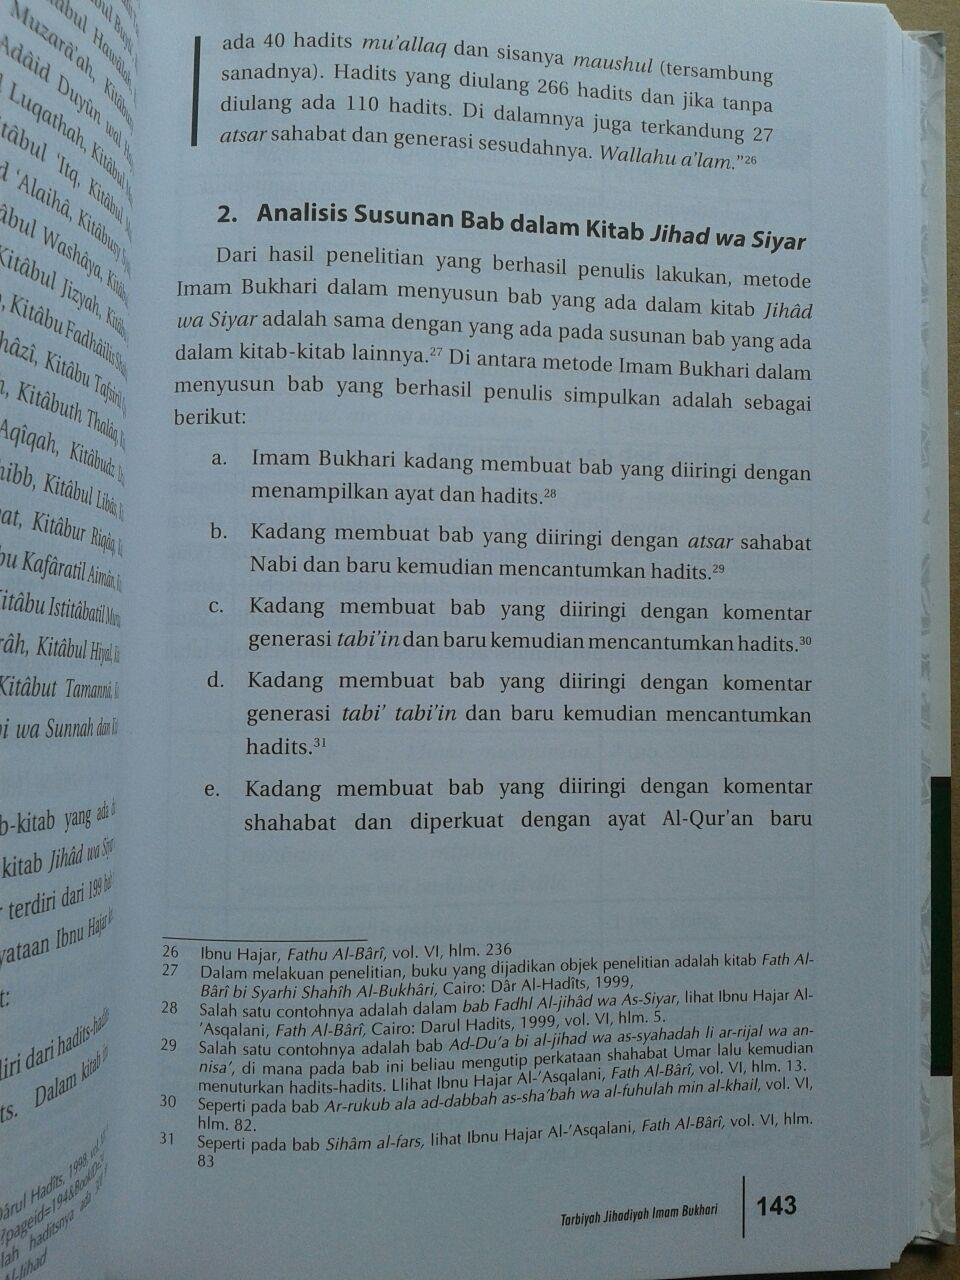 Buku Tarbiyah Jihadiyah Imam Bukhari isi